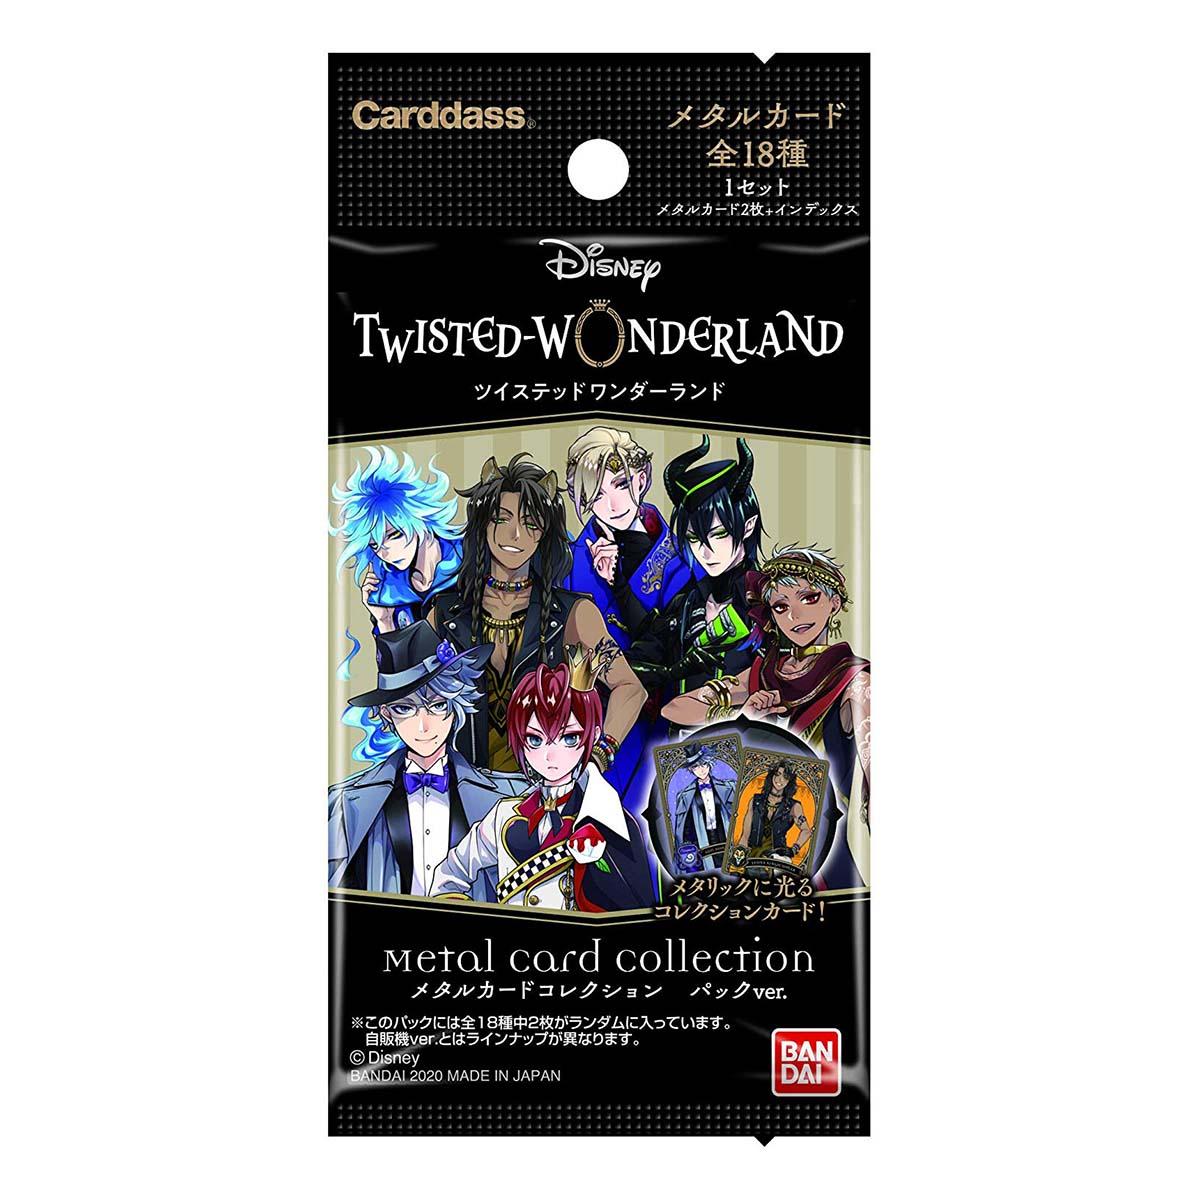 【再販】ディズニー ツイステッドワンダーランド『メタルカードコレクション パックver.』20パック入りBOX-020